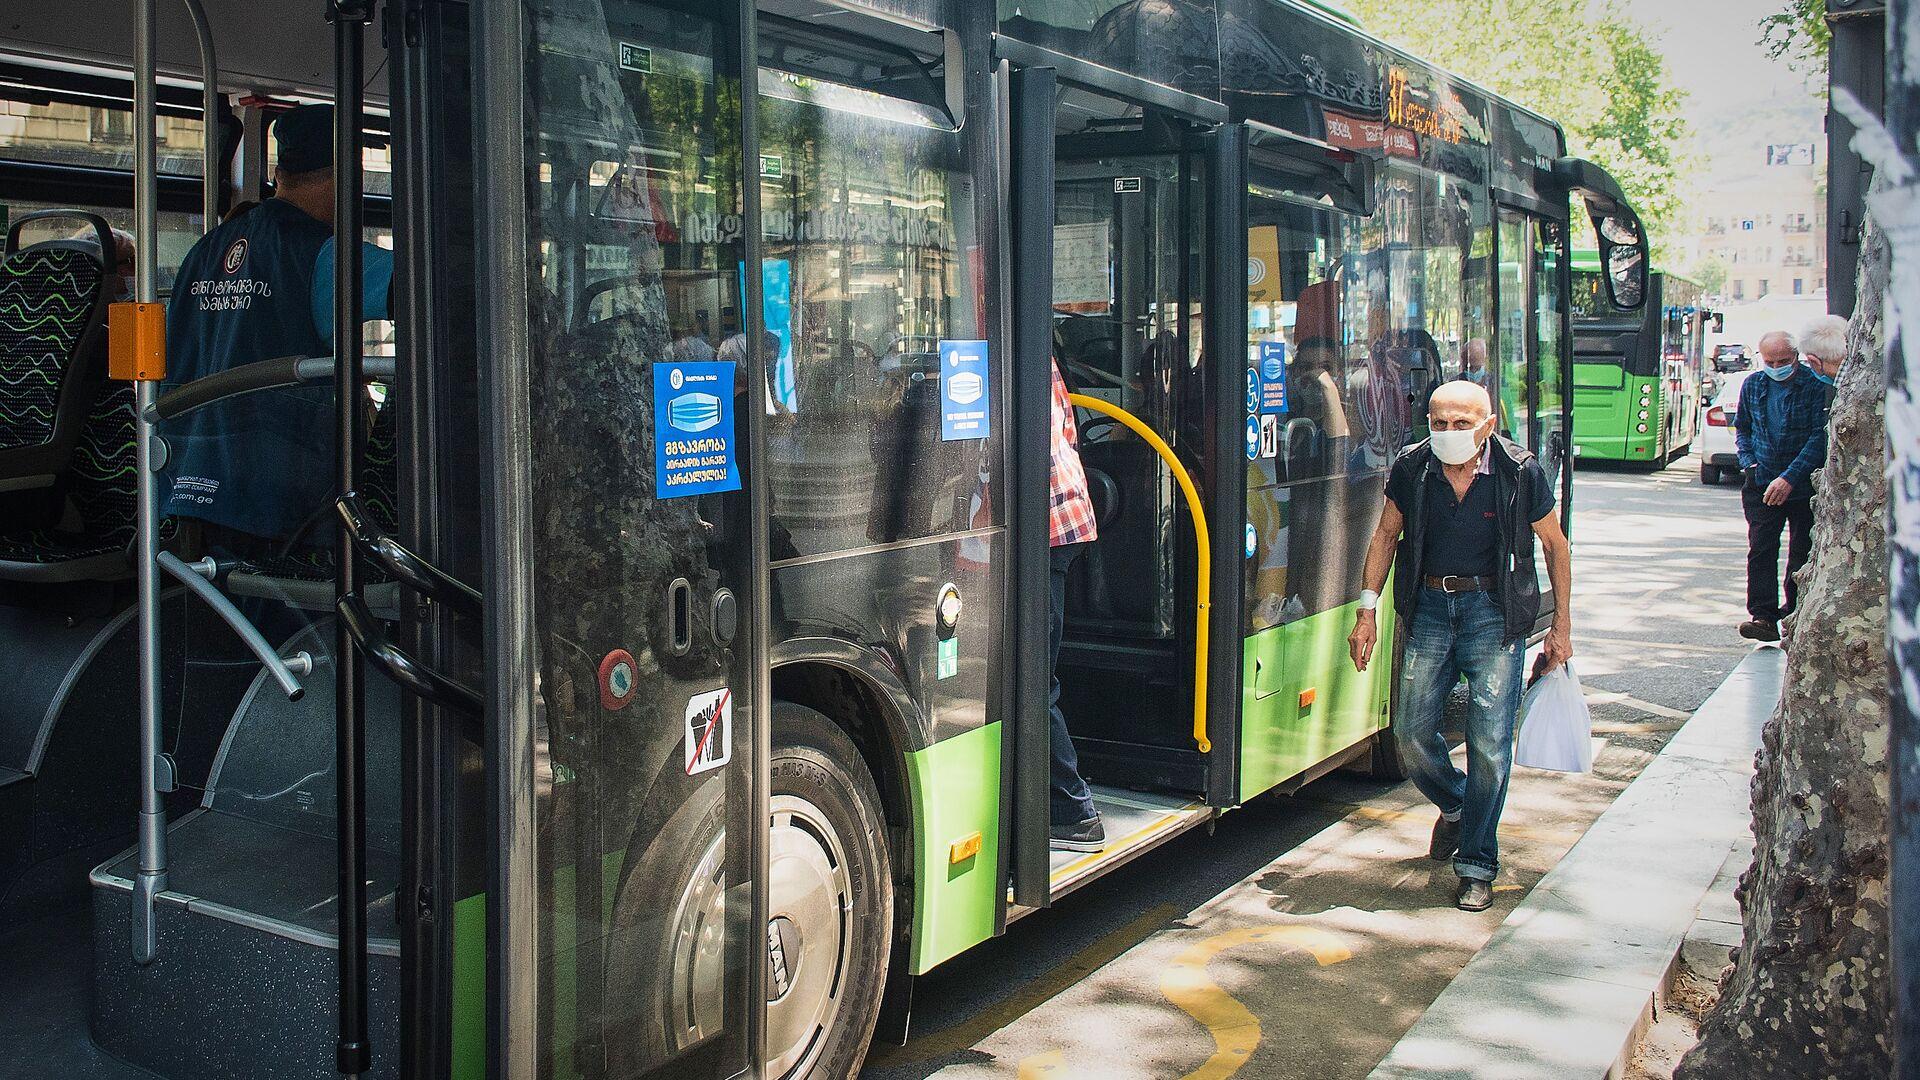 Городской транспорт. Пассажирский автобус и люди на остановке - Sputnik Грузия, 1920, 13.09.2021